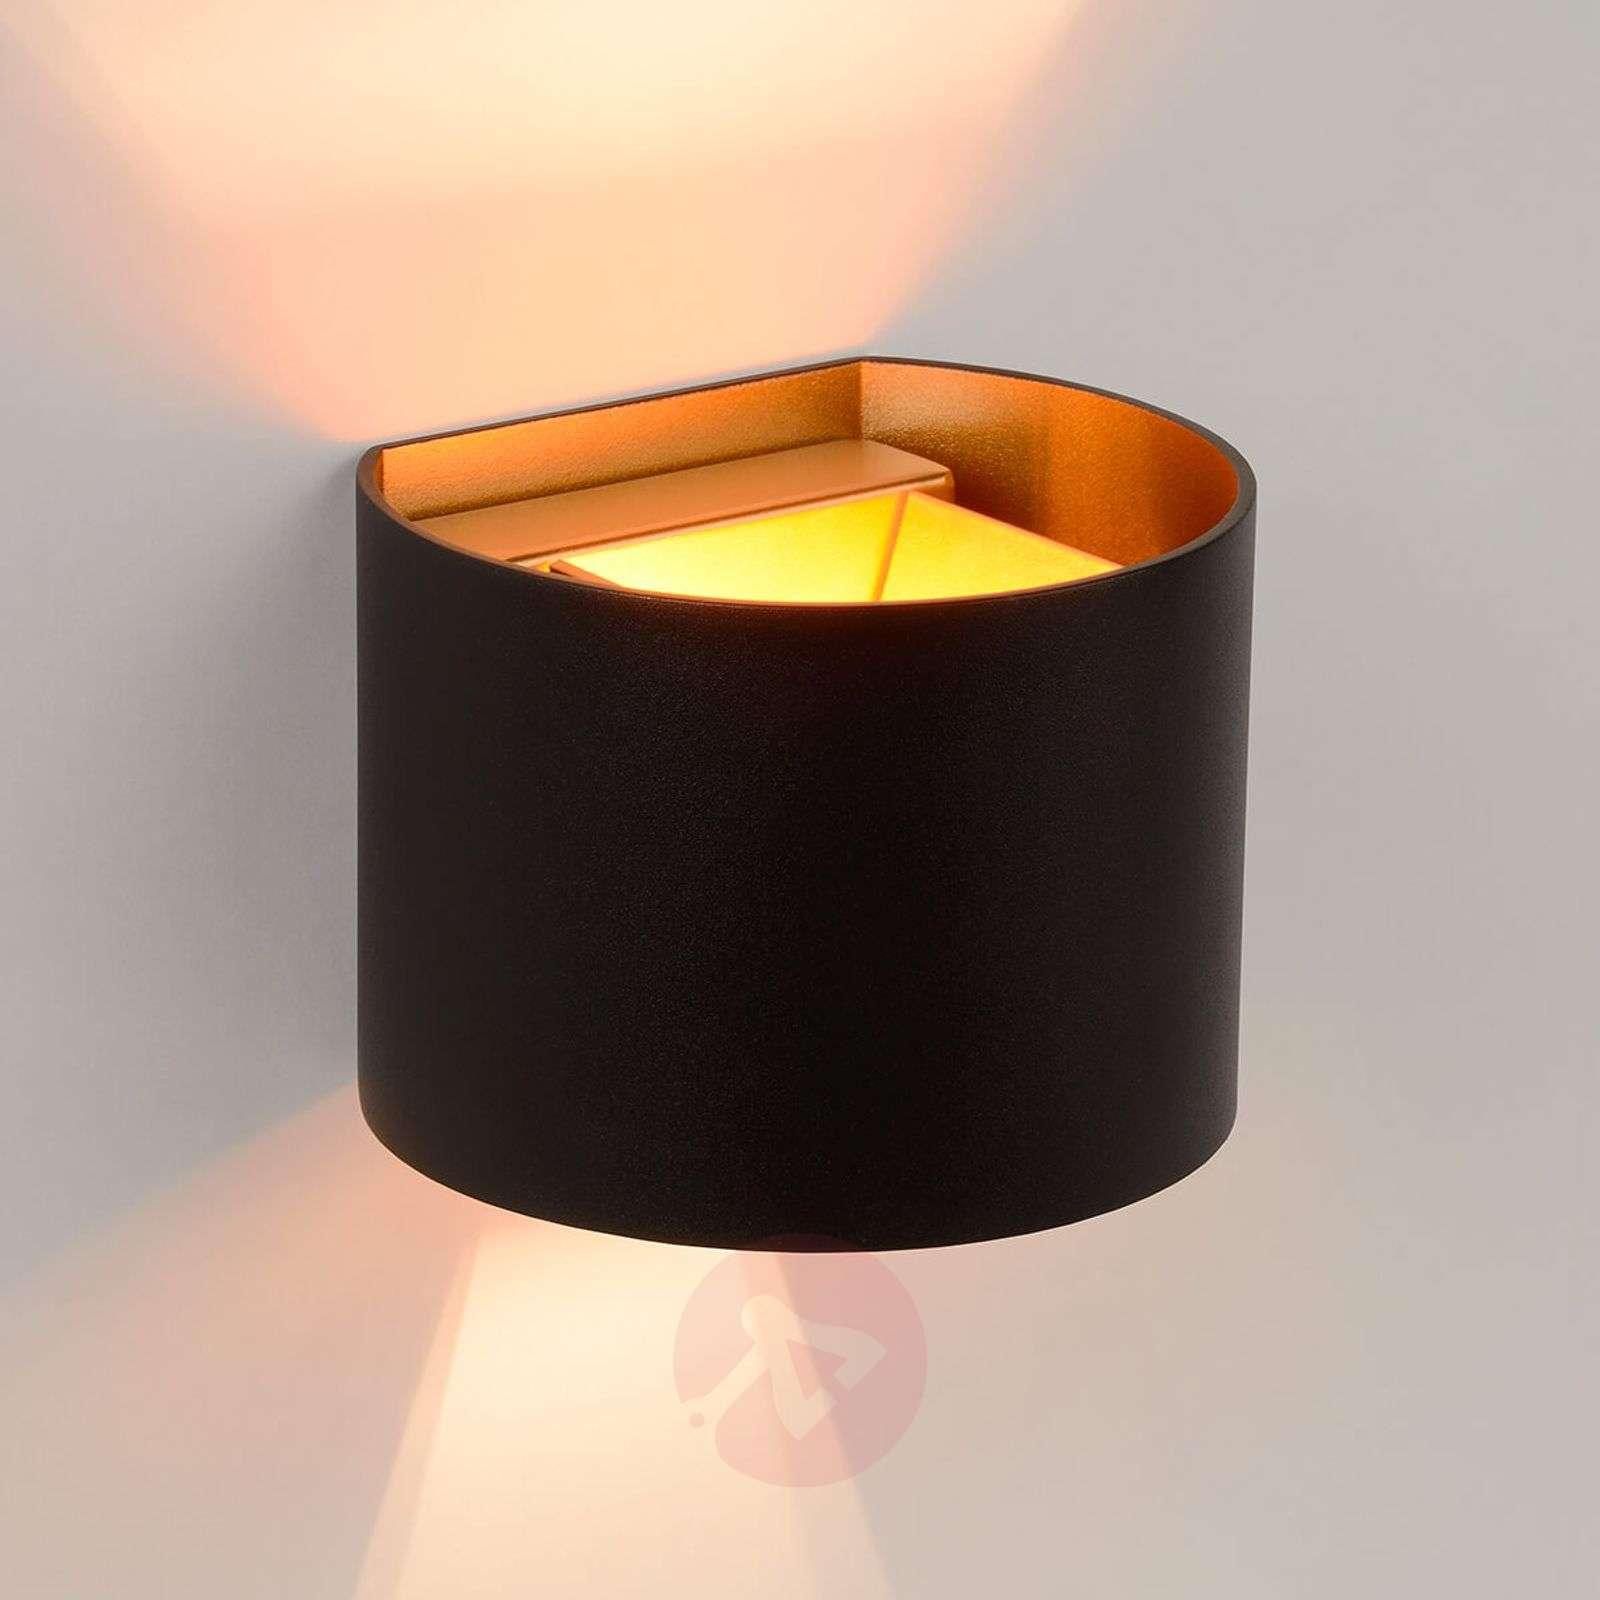 Semi-circular LED wall lamp Xio in black-6055295-01